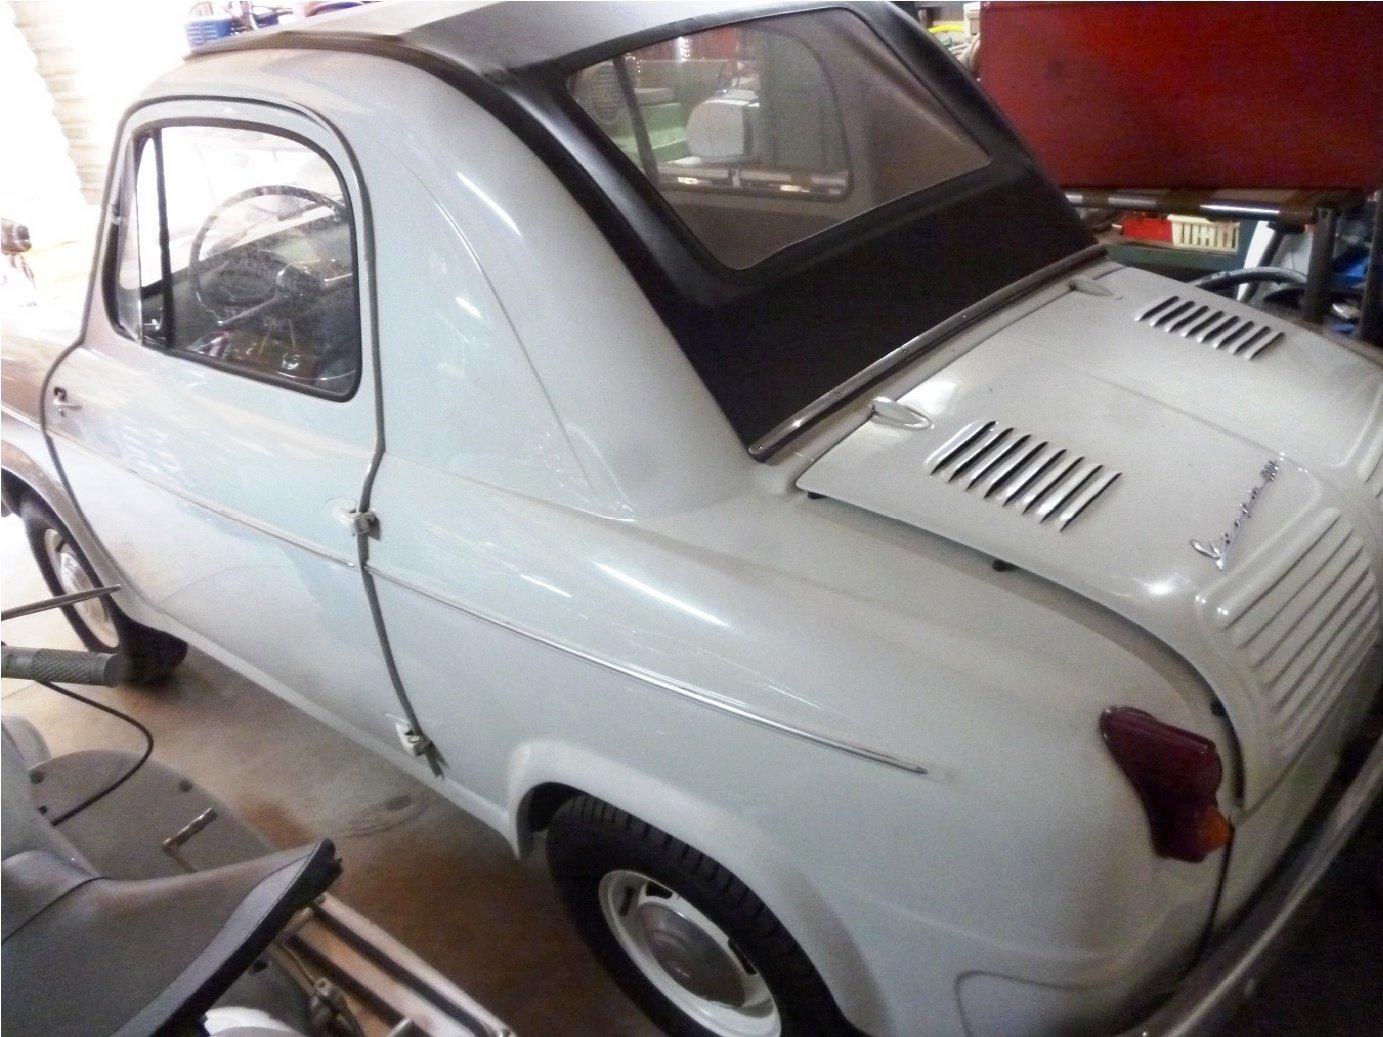 1960 Piaggio Vespa Acma 400 microcar For Sale (picture 3 of 6)